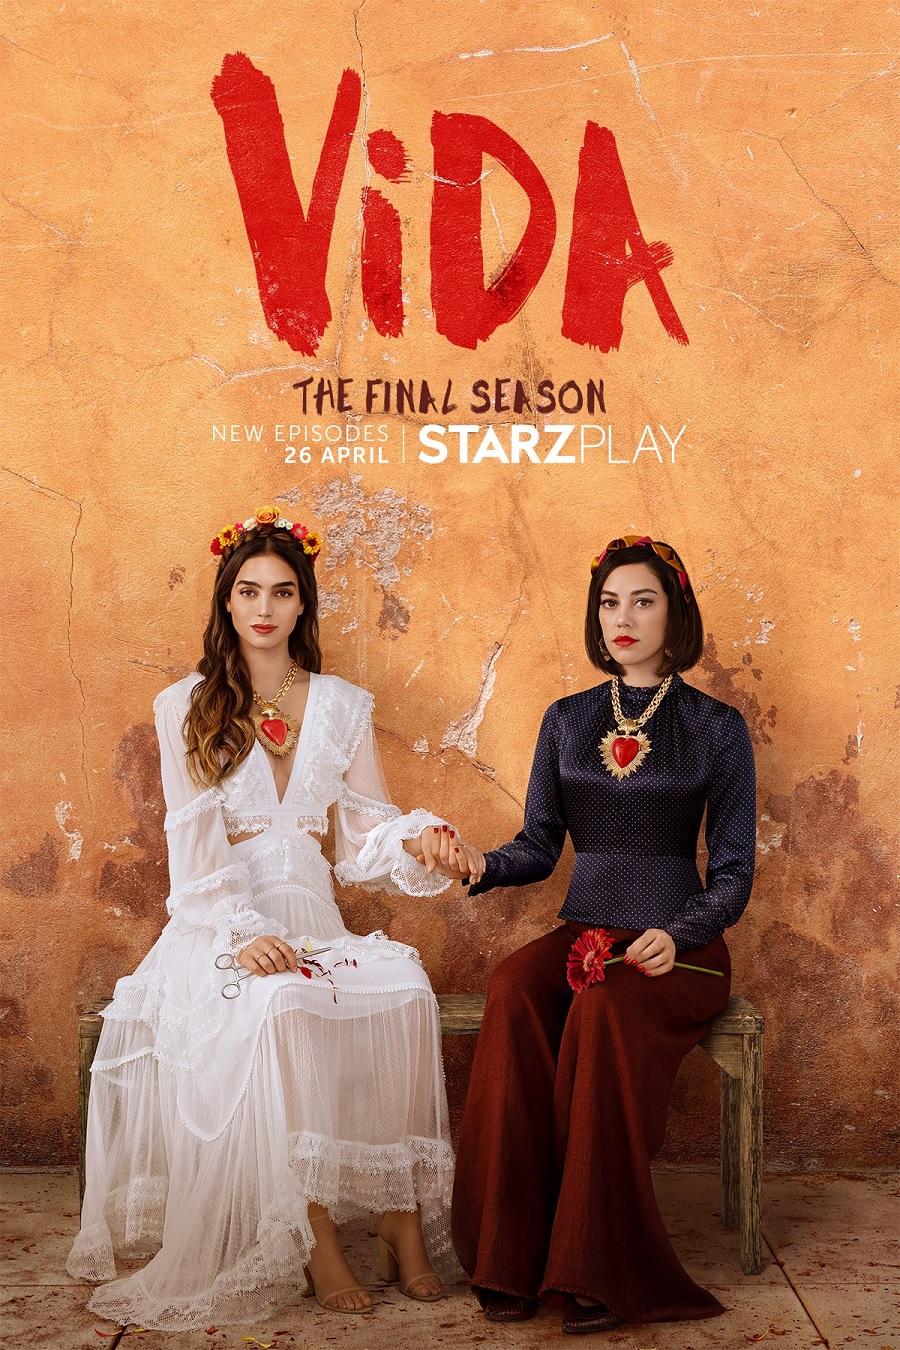 Vida sezon 3